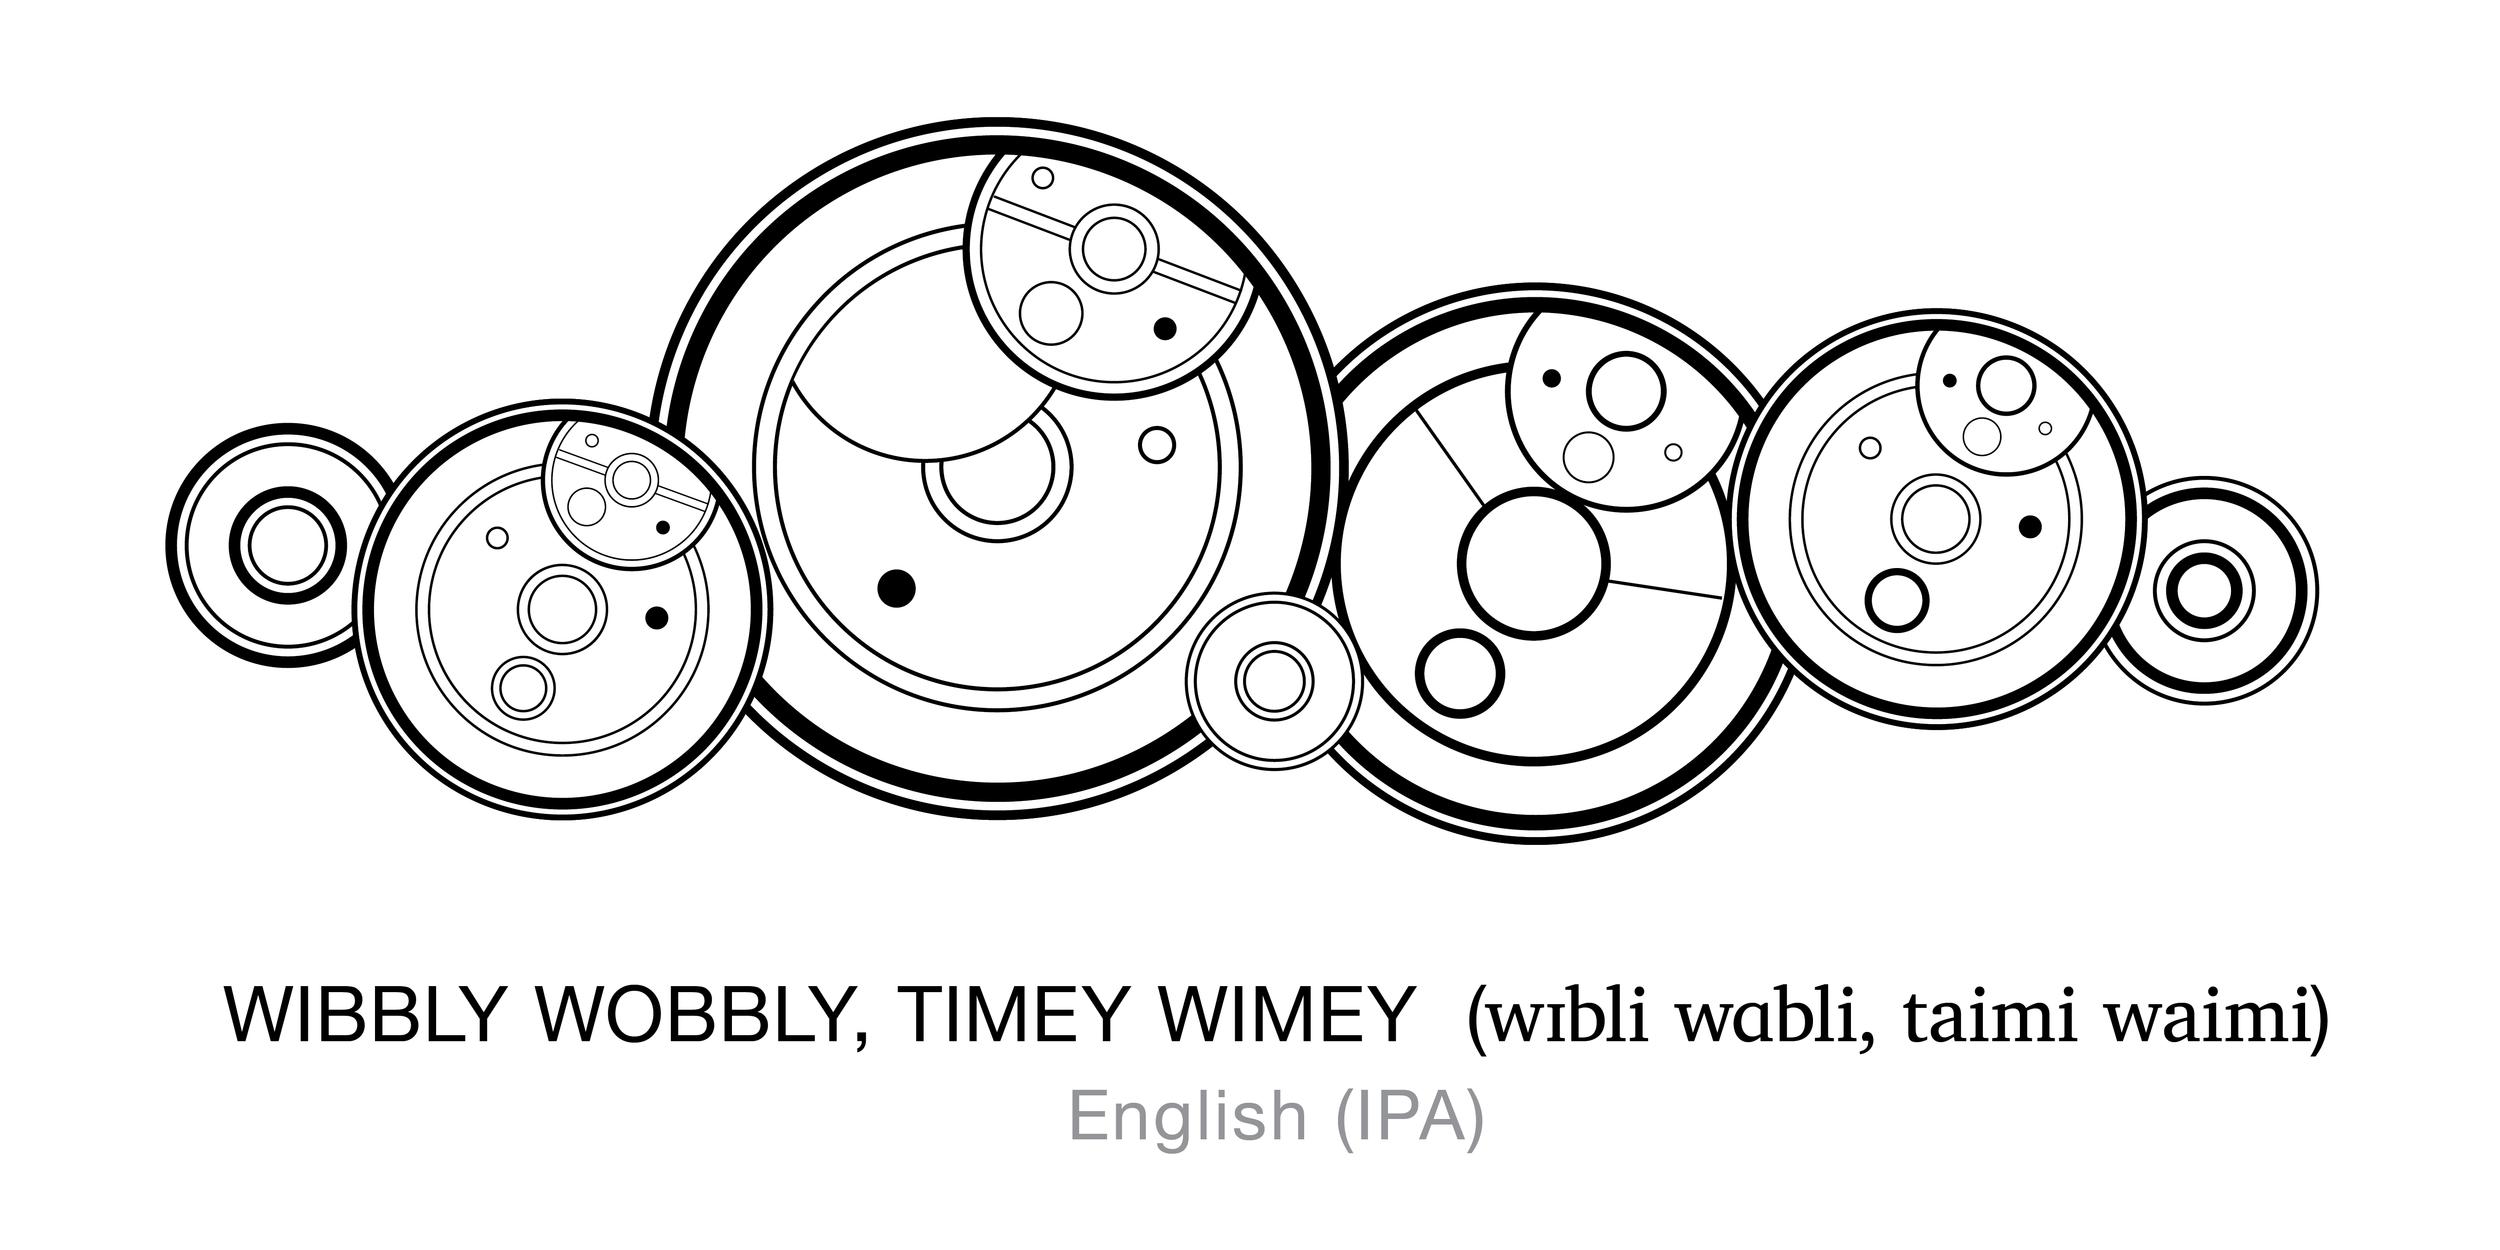 WibblyWobblyTimeyWimey-02.png